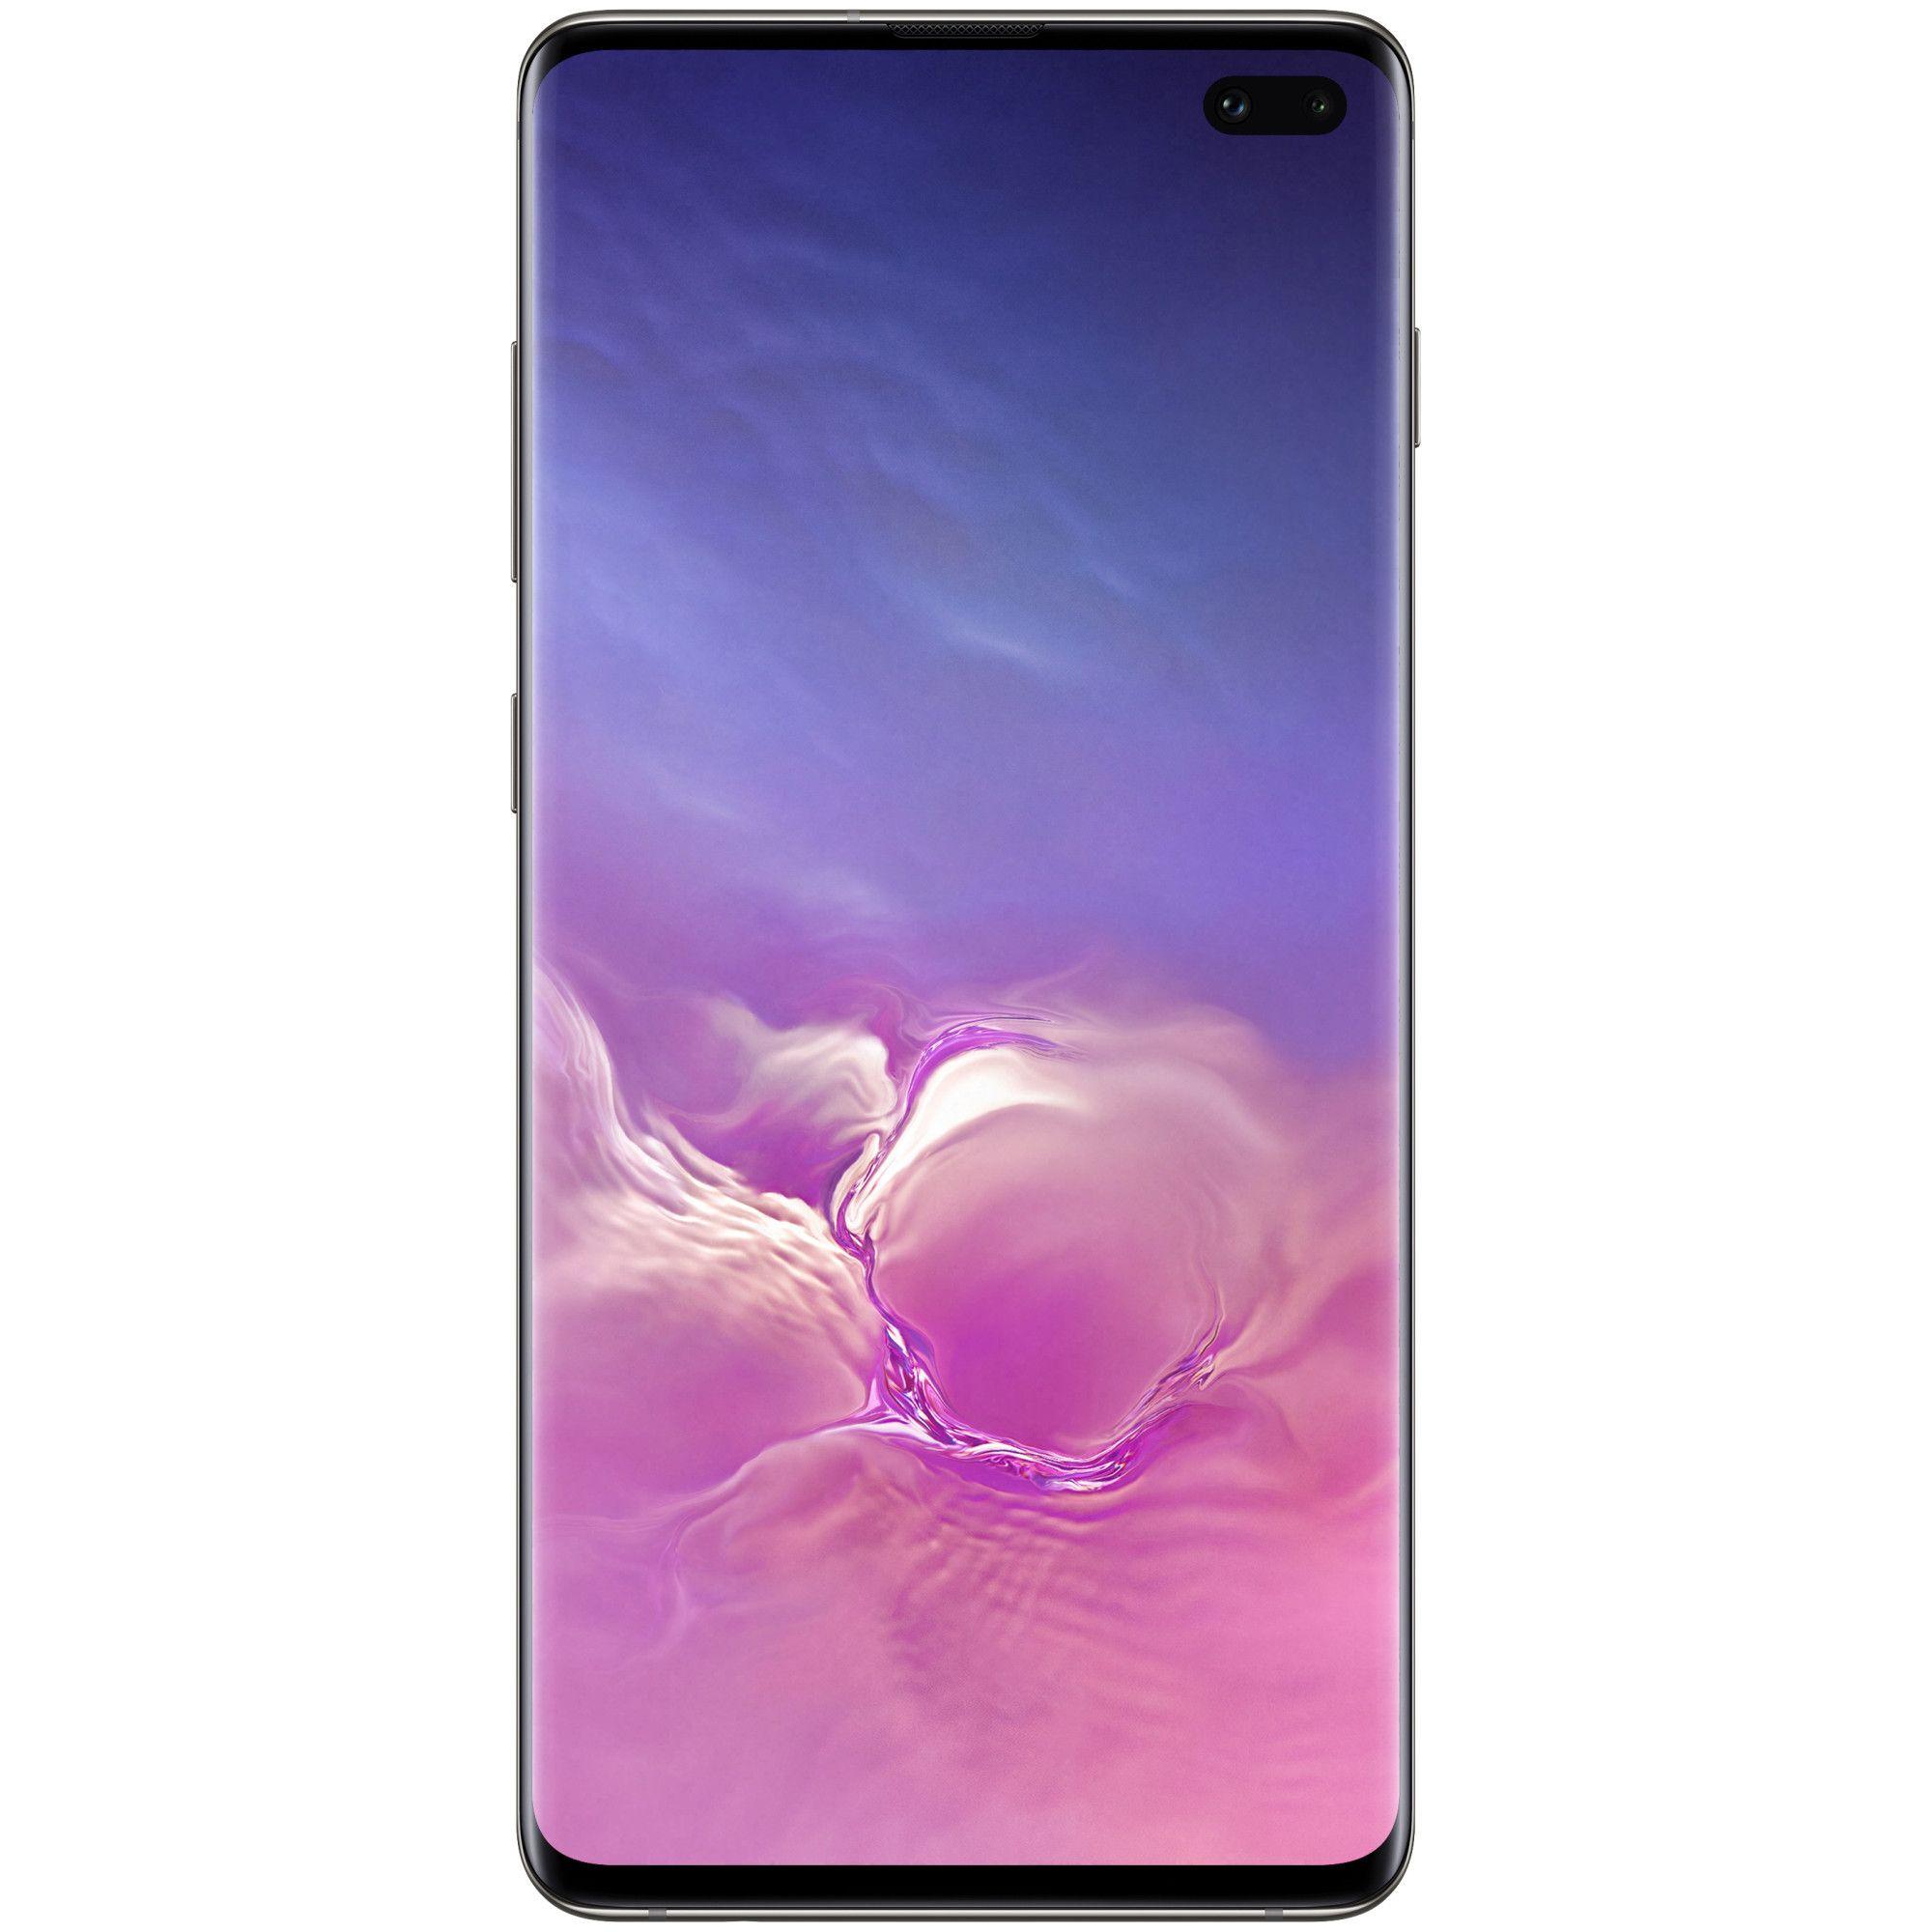 Telefon mobil Samsung Galaxy S10 Plus, G975, Dual SIM, 128GB, 8GB RAM, 4G, Prism Black